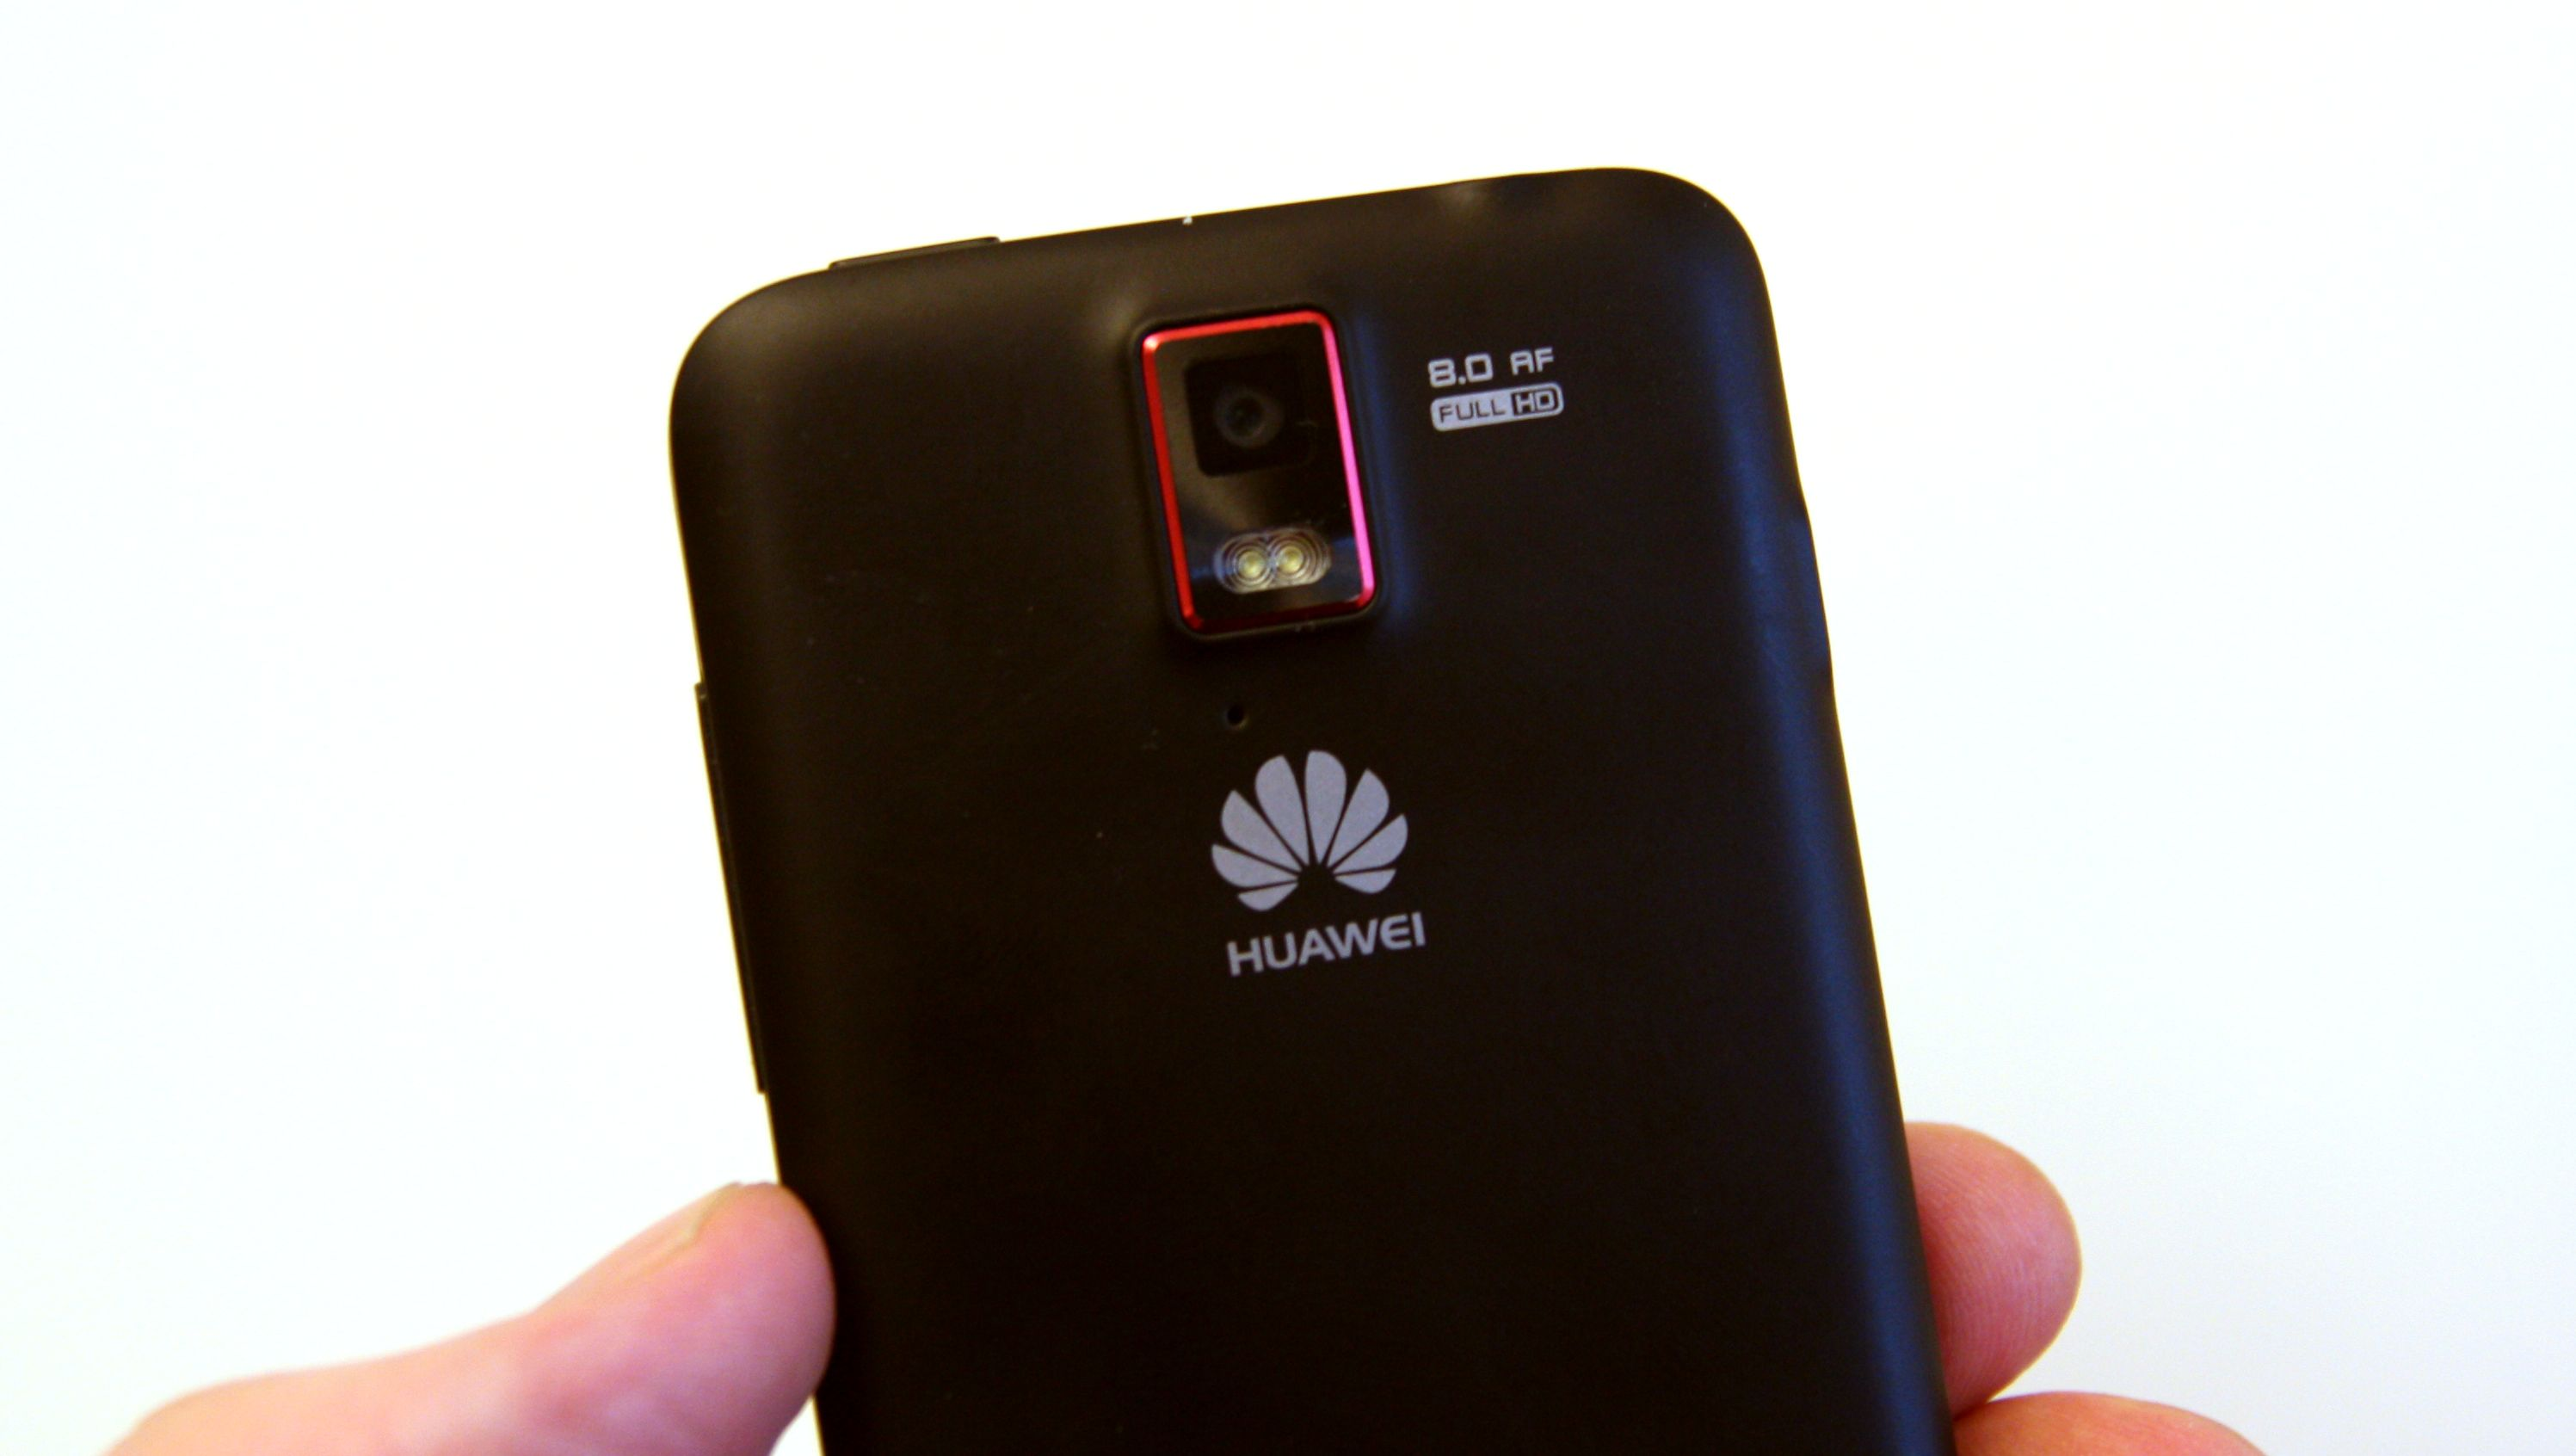 Kameraet i Huawei Ascend D1 Quad leverer bilder av relativt god kvalitet.Foto: Finn Jarle Kvalheim, Amobil.no